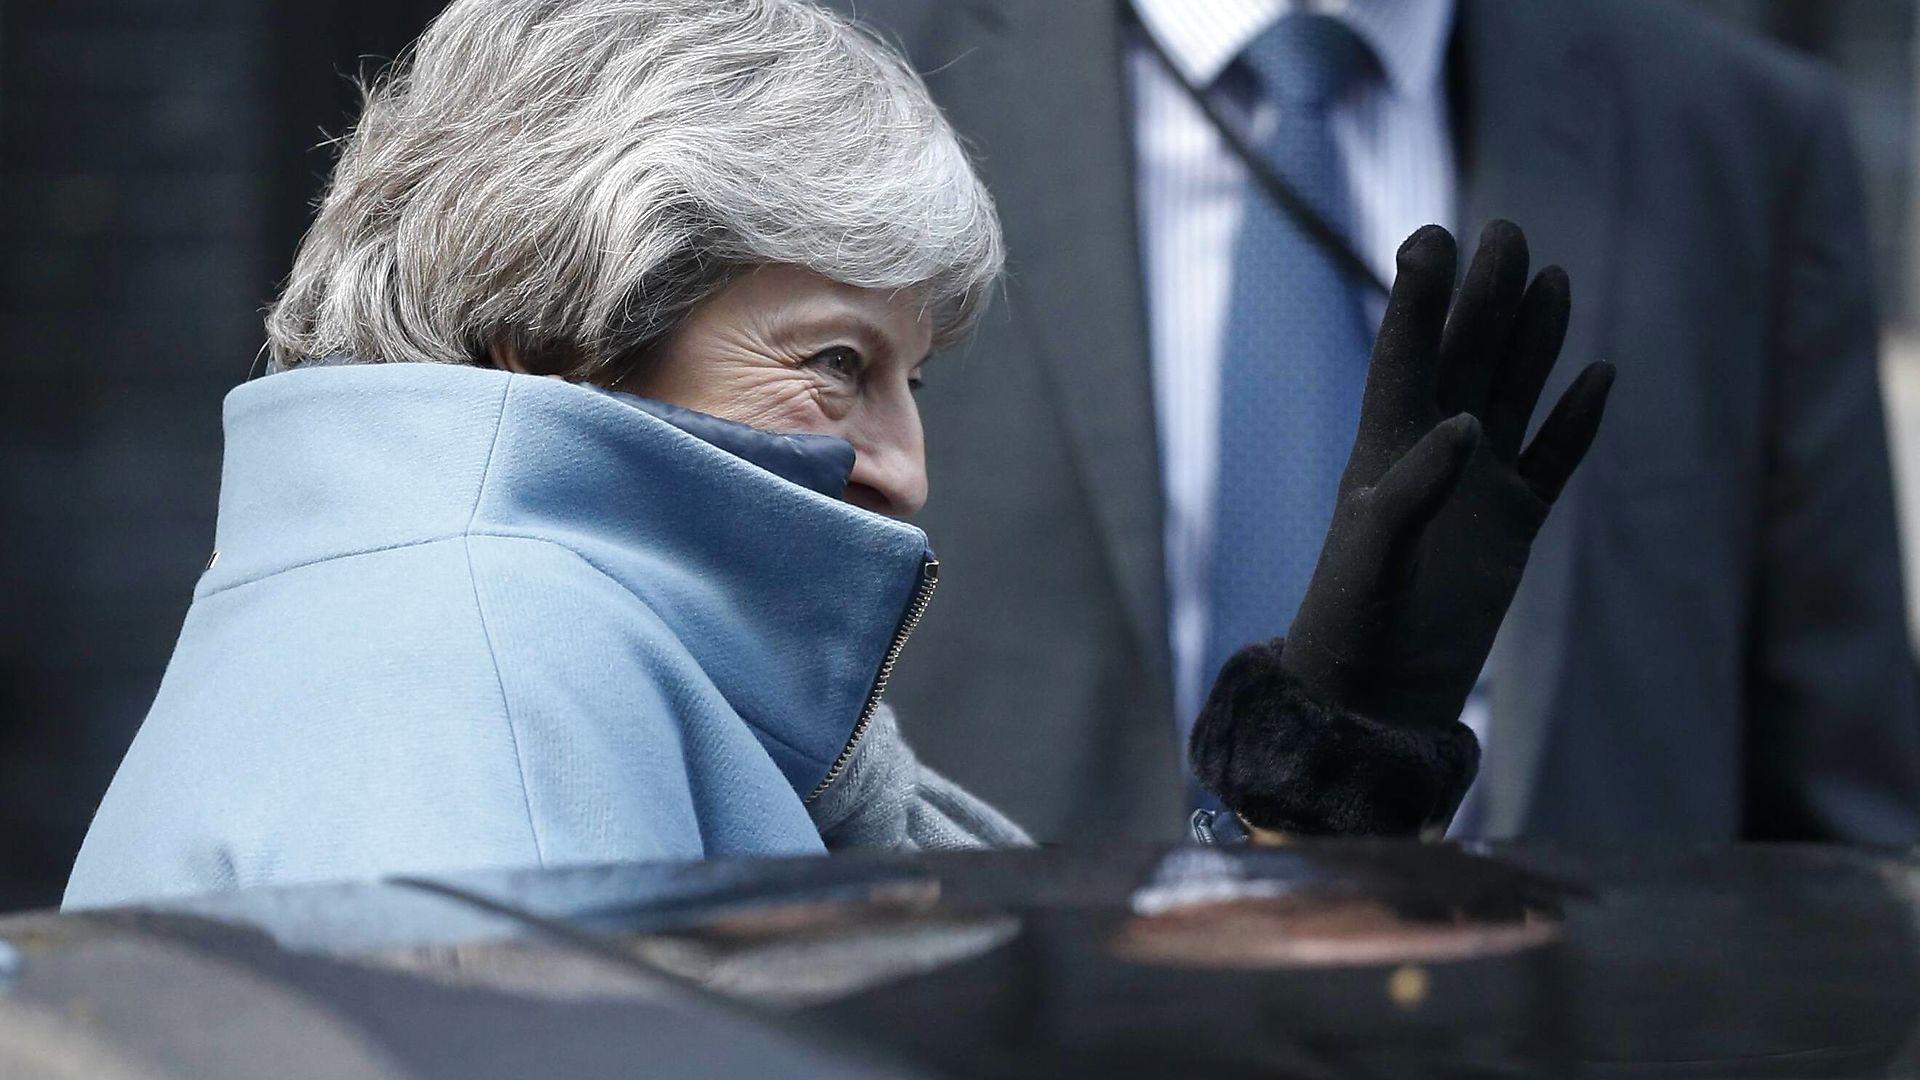 Storbritannien nærmer sig Brexit som en slingrende campingvogn alt for tæt på klippekanten. Anne Sofie Allarp om britiske dødssynder